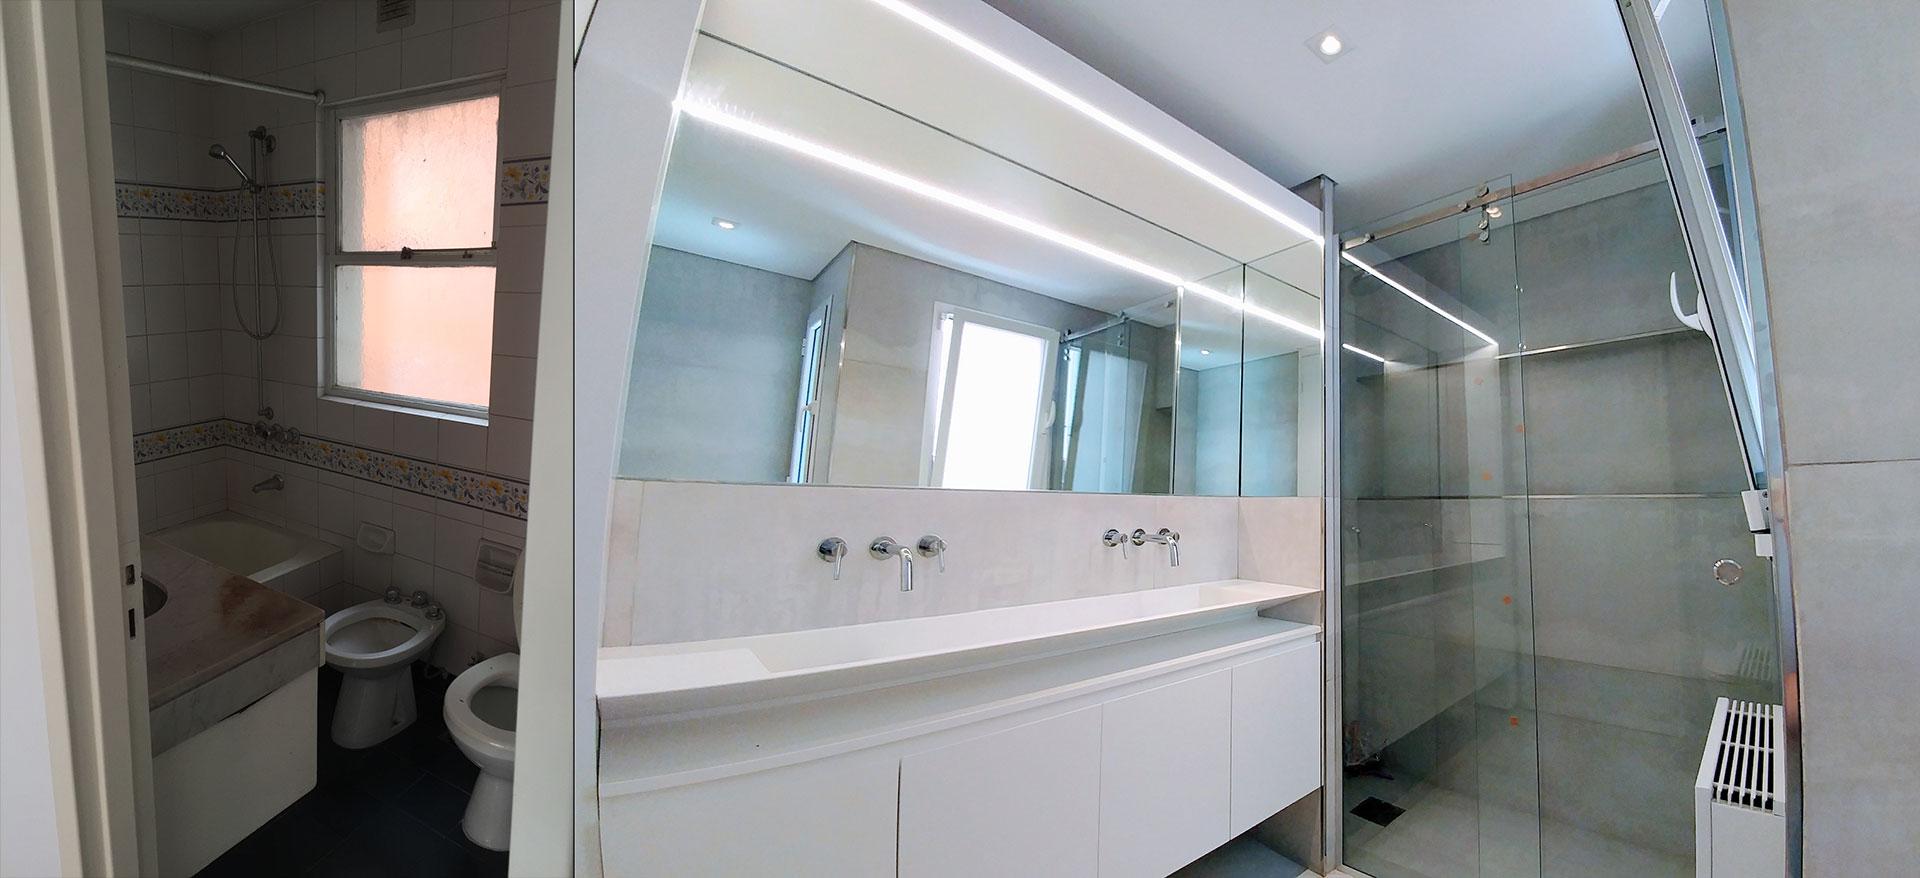 Antes y después, transformación radical del baño con un diseño moderno, ideas deco con lineas puras blanco y mampara de vidrio